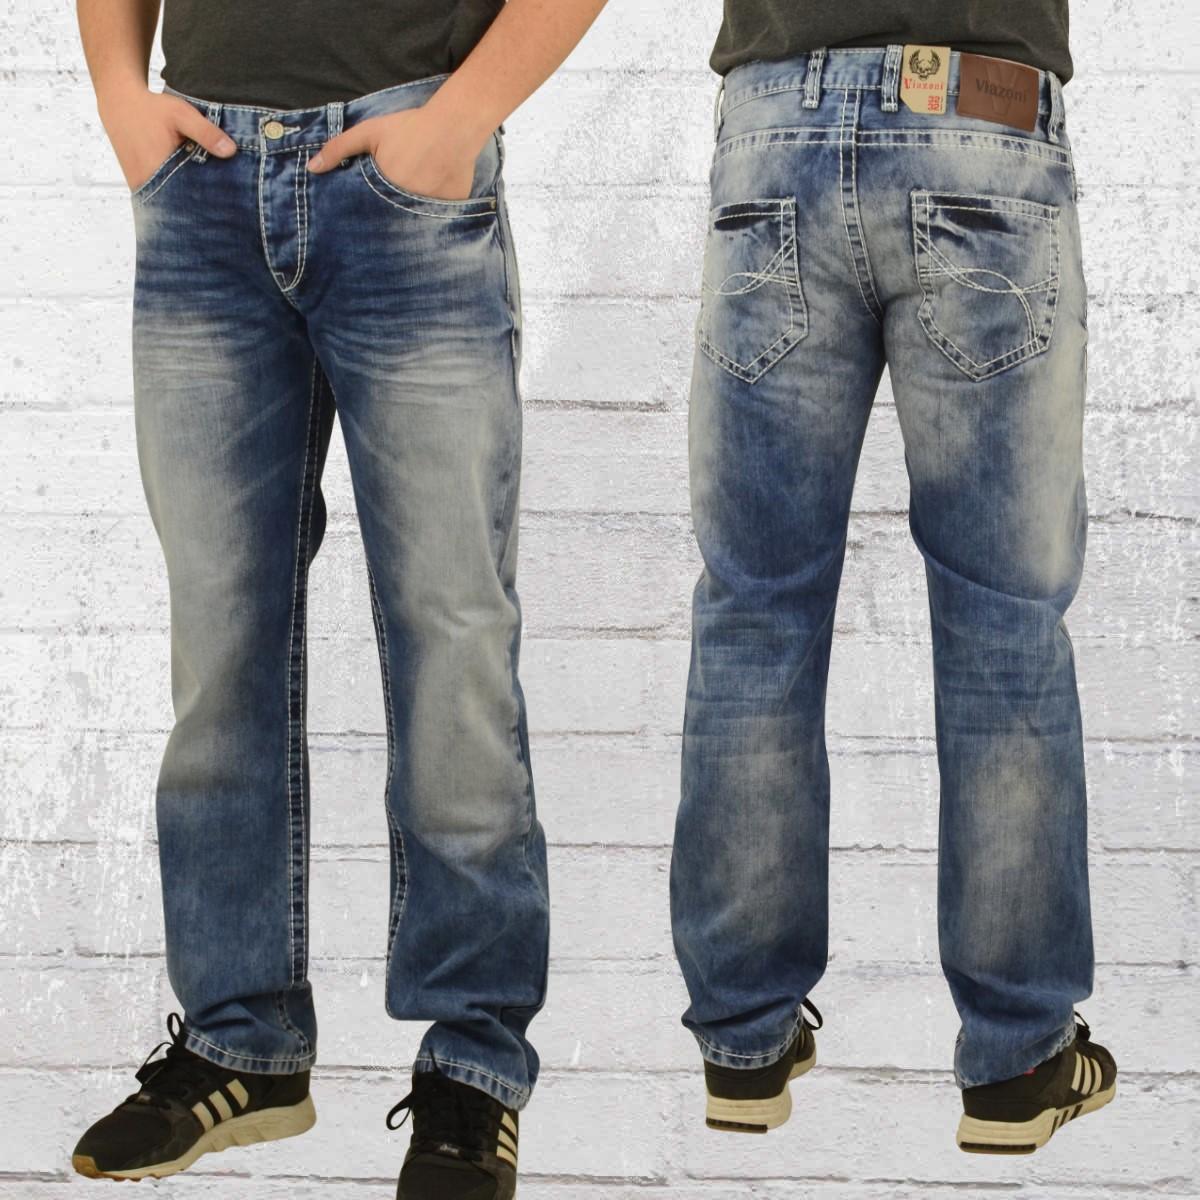 jetzt bestellen viazoni m nner jeans hose hugo lima blau gewaschen krasse. Black Bedroom Furniture Sets. Home Design Ideas